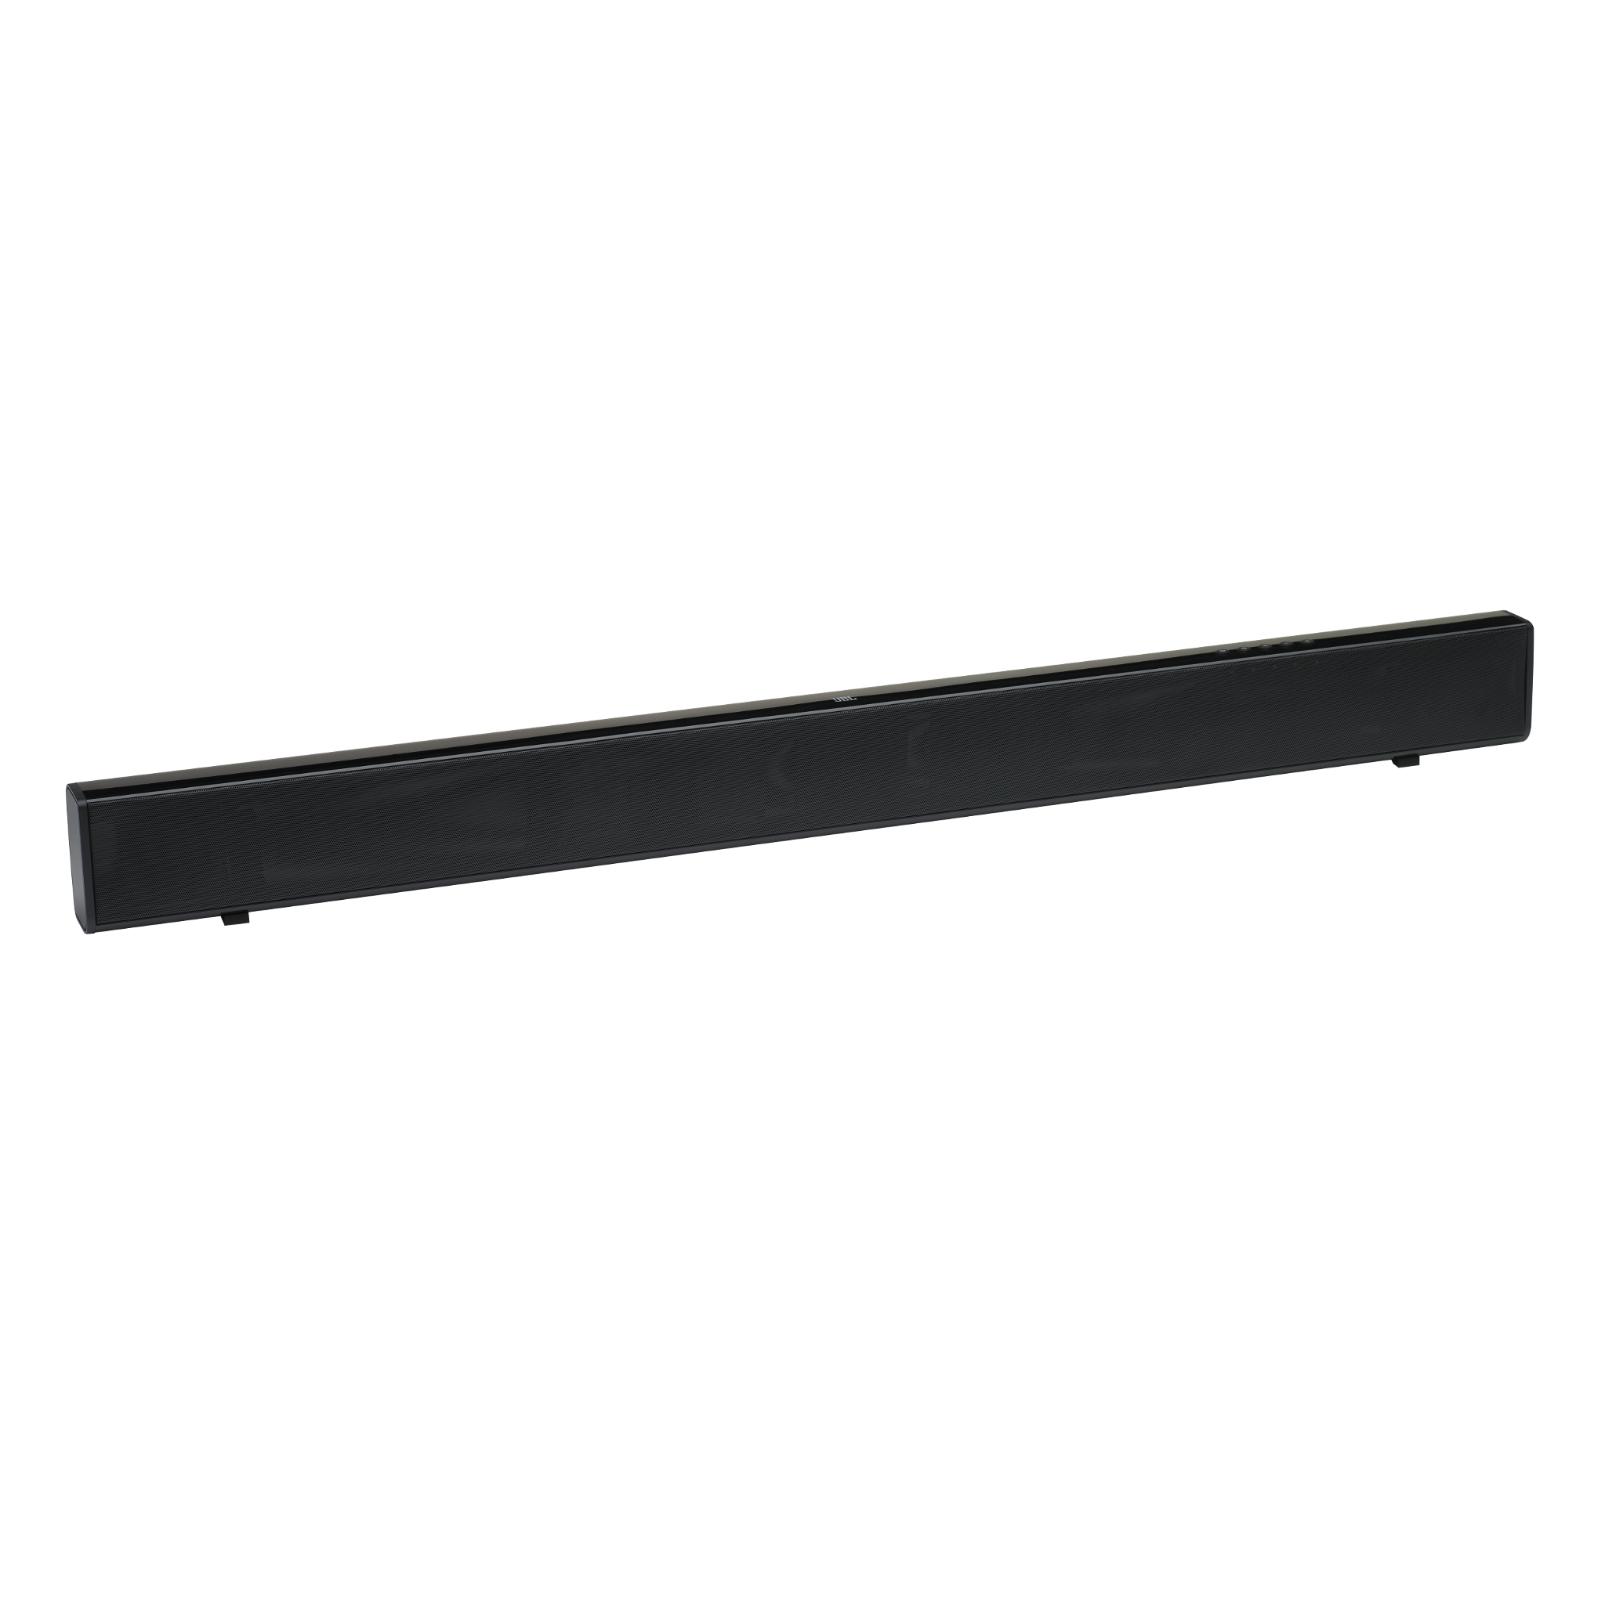 JBL Cinema SB110 - Black - 2.0 channel soundbar - Detailshot 2